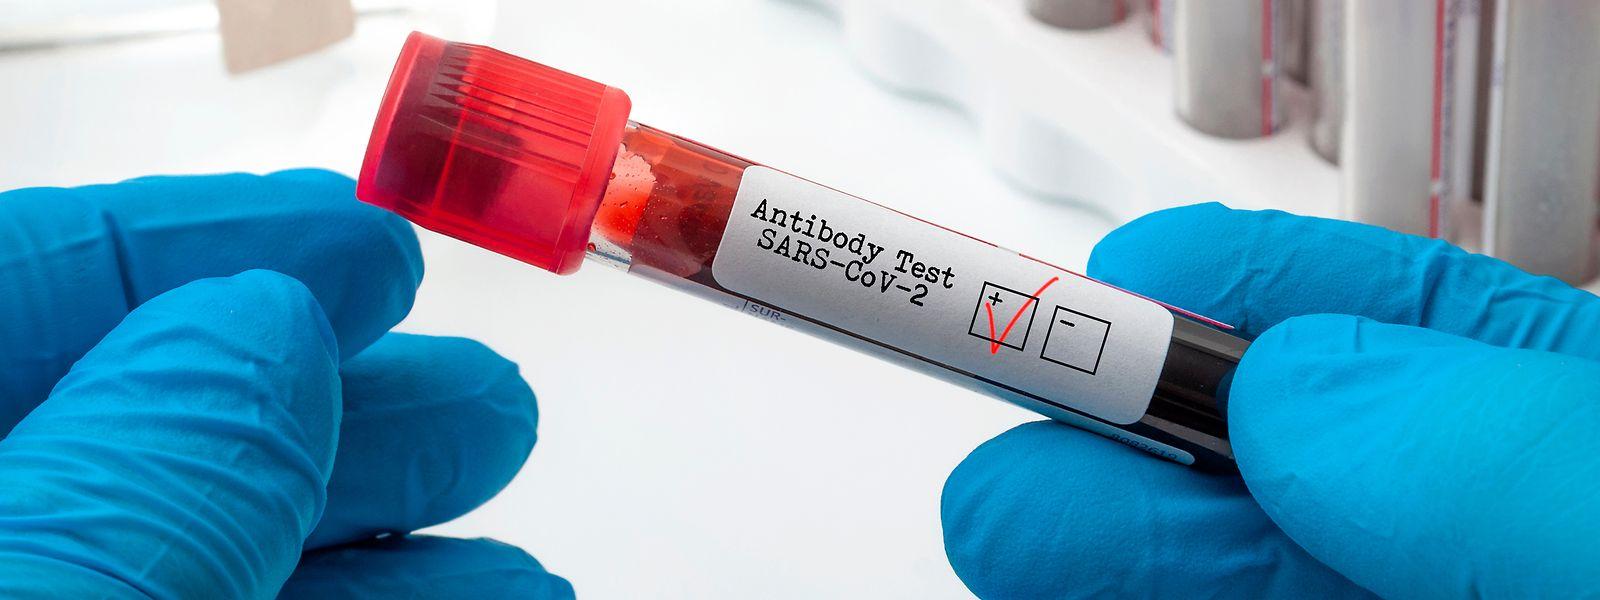 Für die Covid-19-Antikörpertests wird Blut benötigt. Je größer die Menge, desto genauer kann untersucht werden, ob eine Person tatsächlich gegen das Virus immun ist.